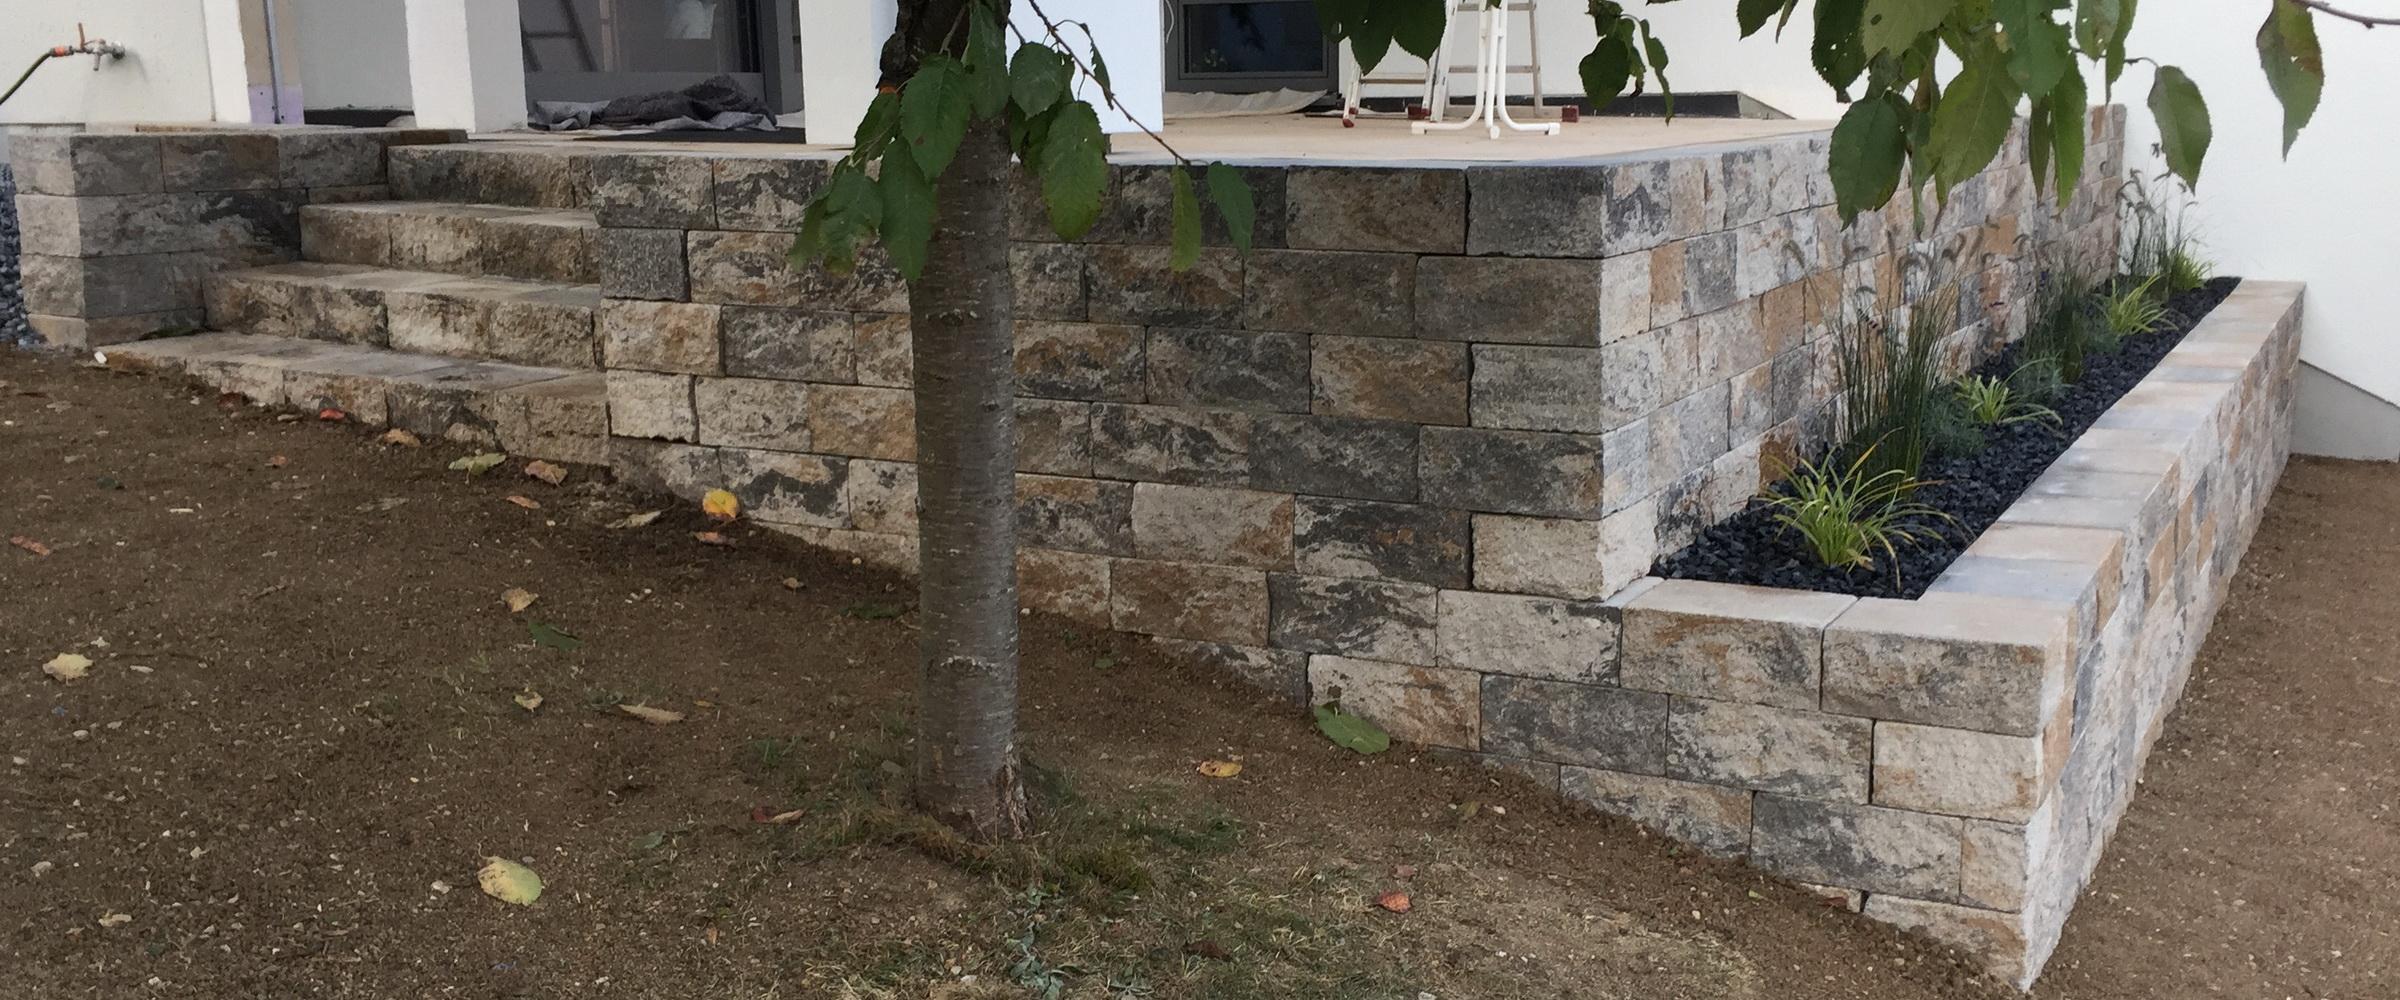 Setzen Sie Ihre Außenanlagen mit Betonsteinen aus Muschelkalkmix in Szene